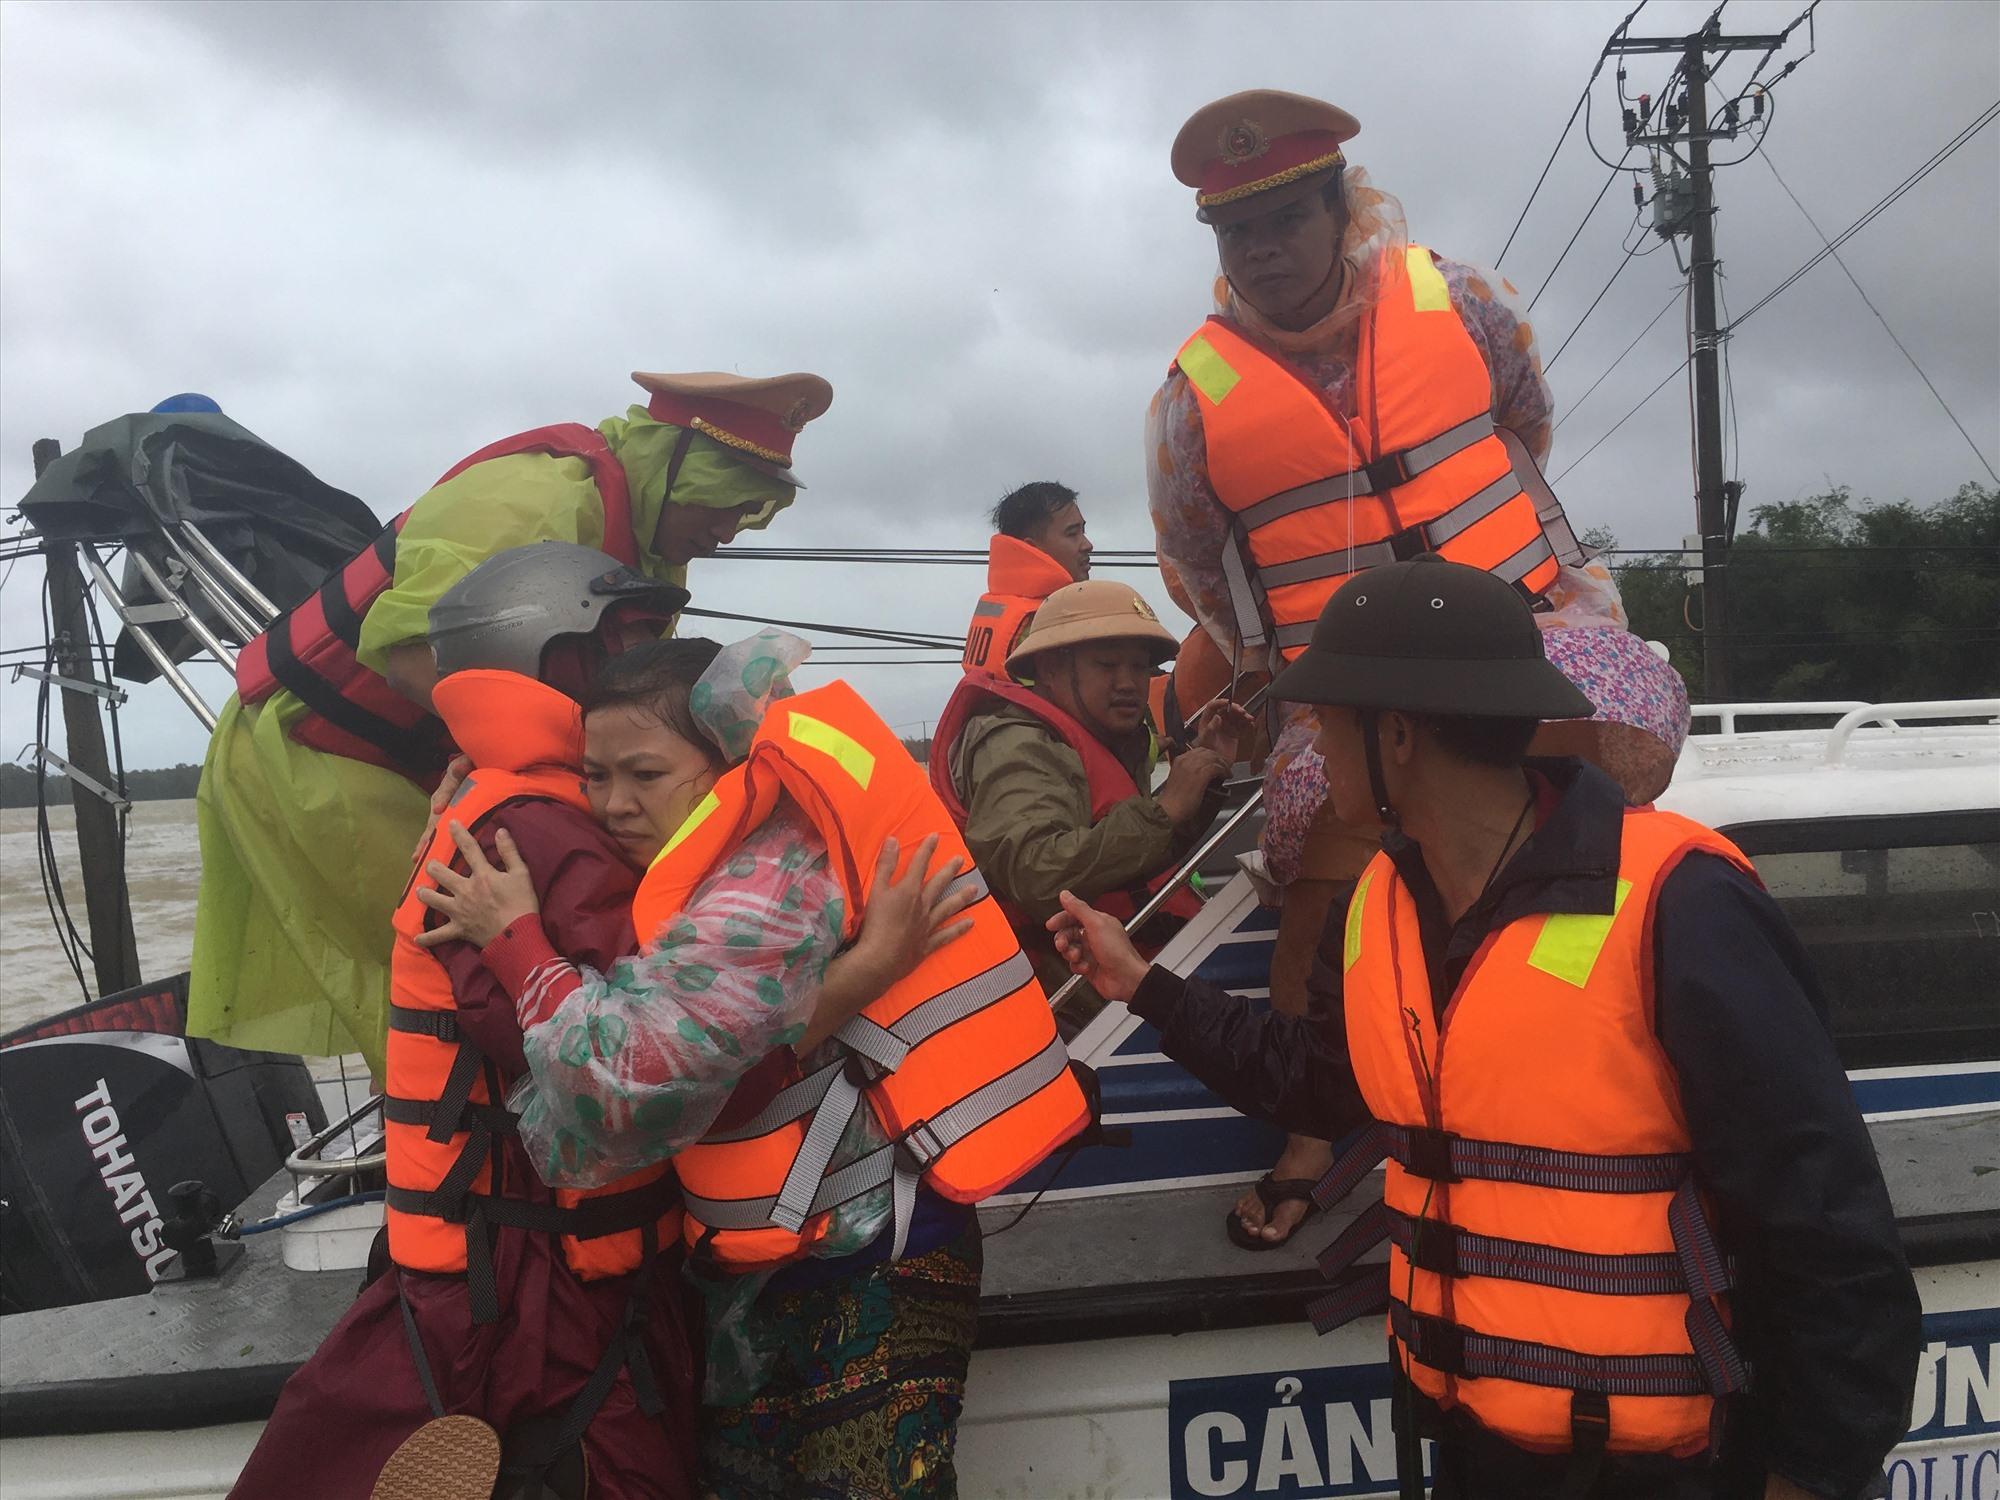 Các lực lượng công an, quân đội và xung kích huyện Phú Ninh sẵn sàng di dời người dân trong tình huống khẩn cấp. Ảnh: C.Đ